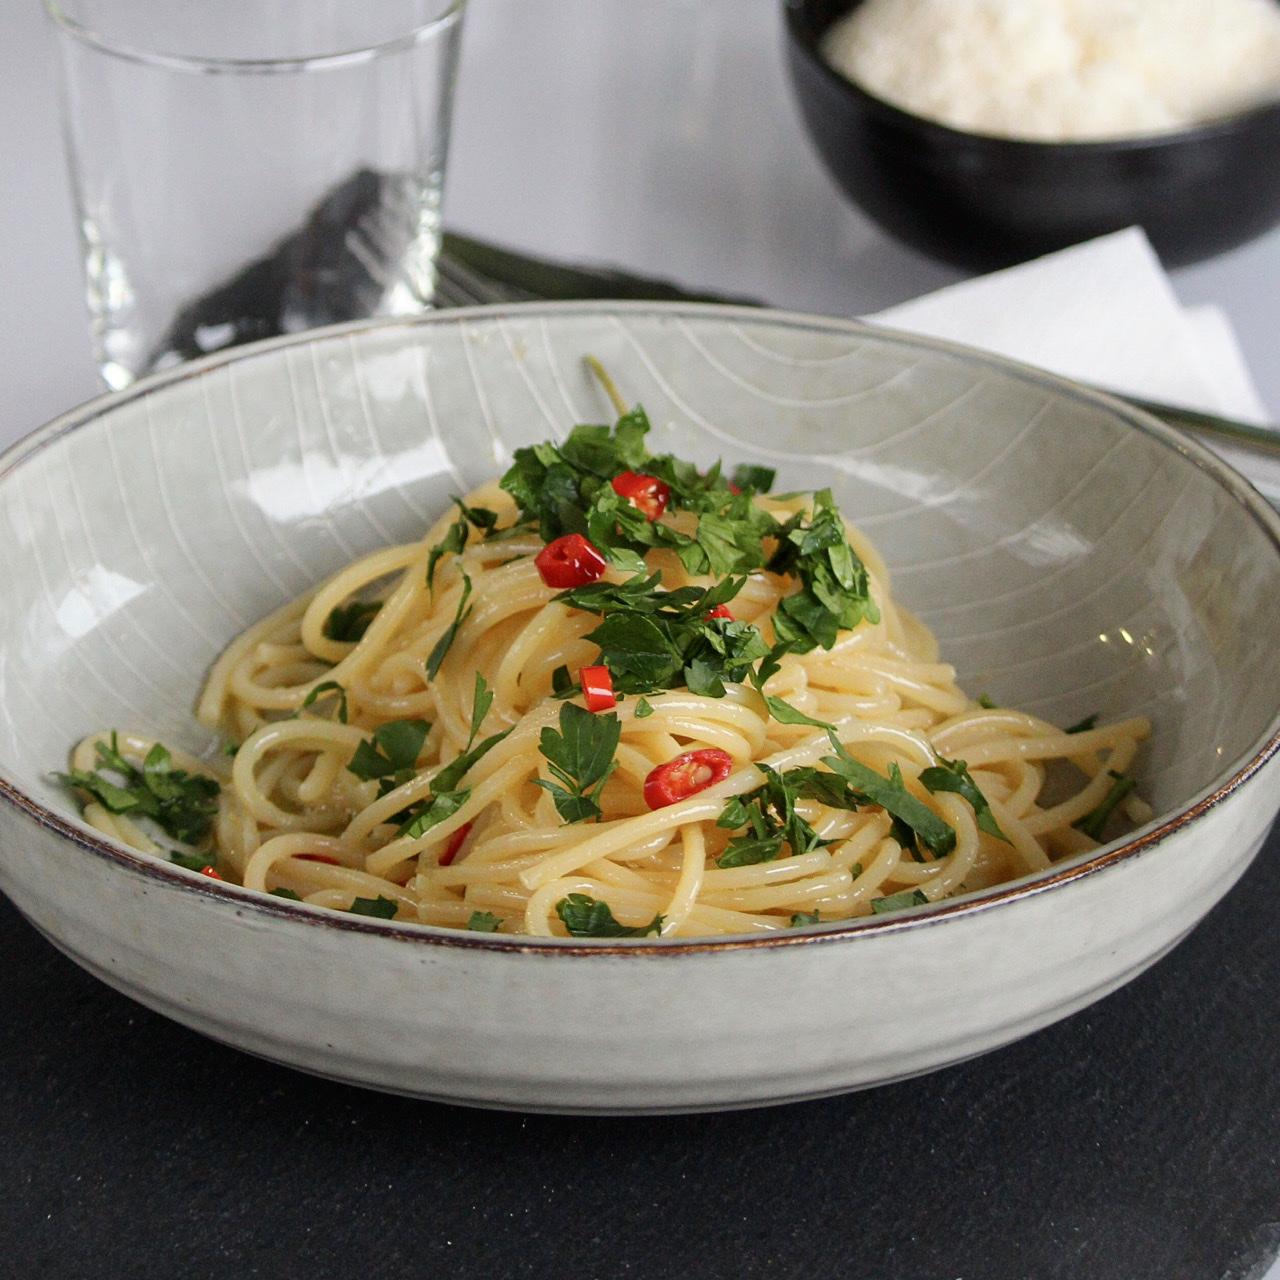 Spaghetti Aglio, Olio, e Peperoncini